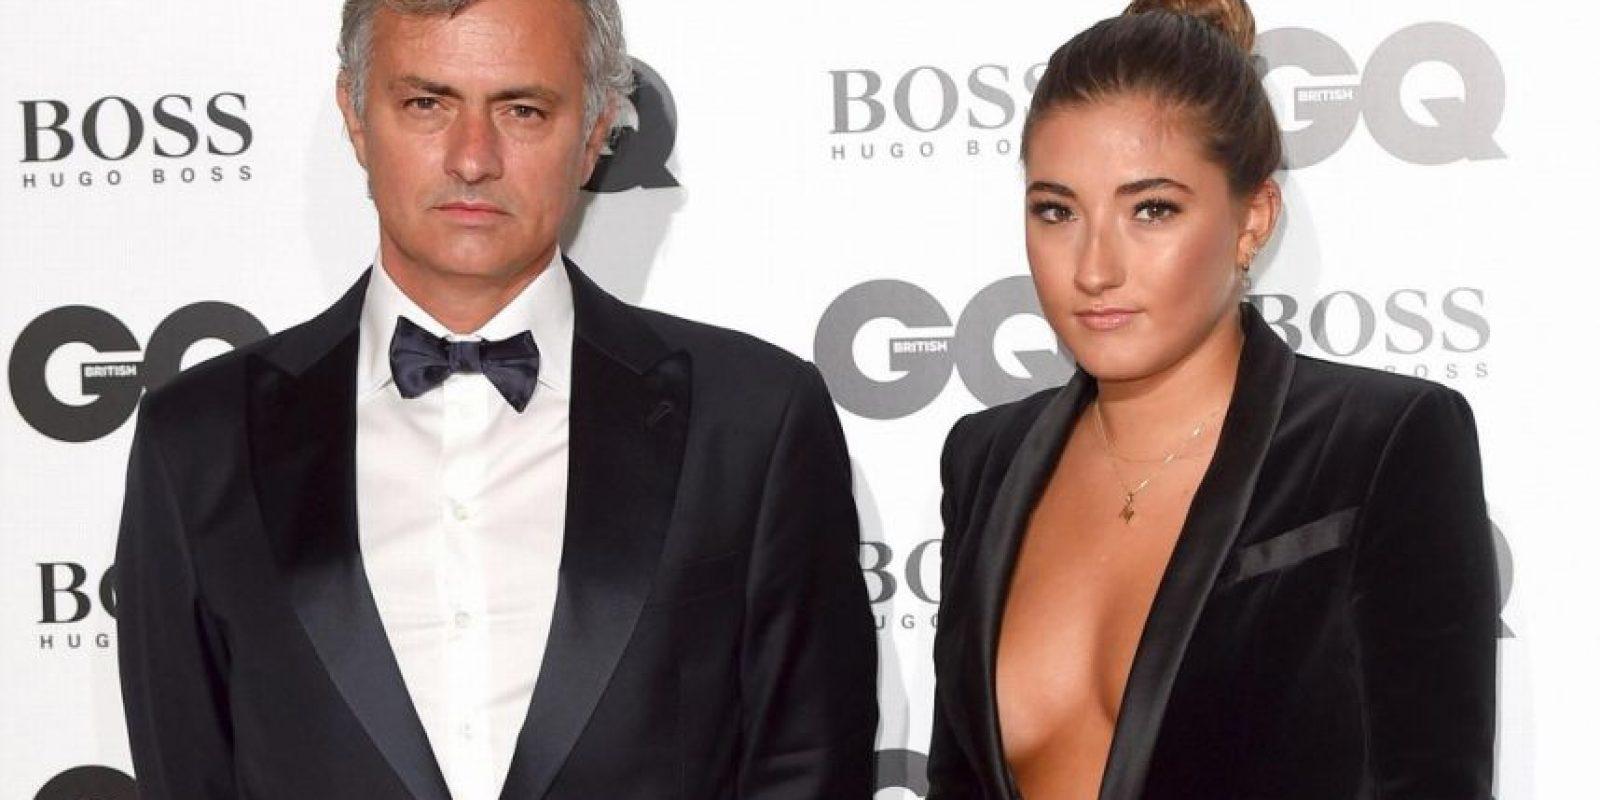 Pero en realidad la chica sale con un joven de su edad que tiene un nombre idéntico al del futbolista de la Premier League Foto:Getty Images